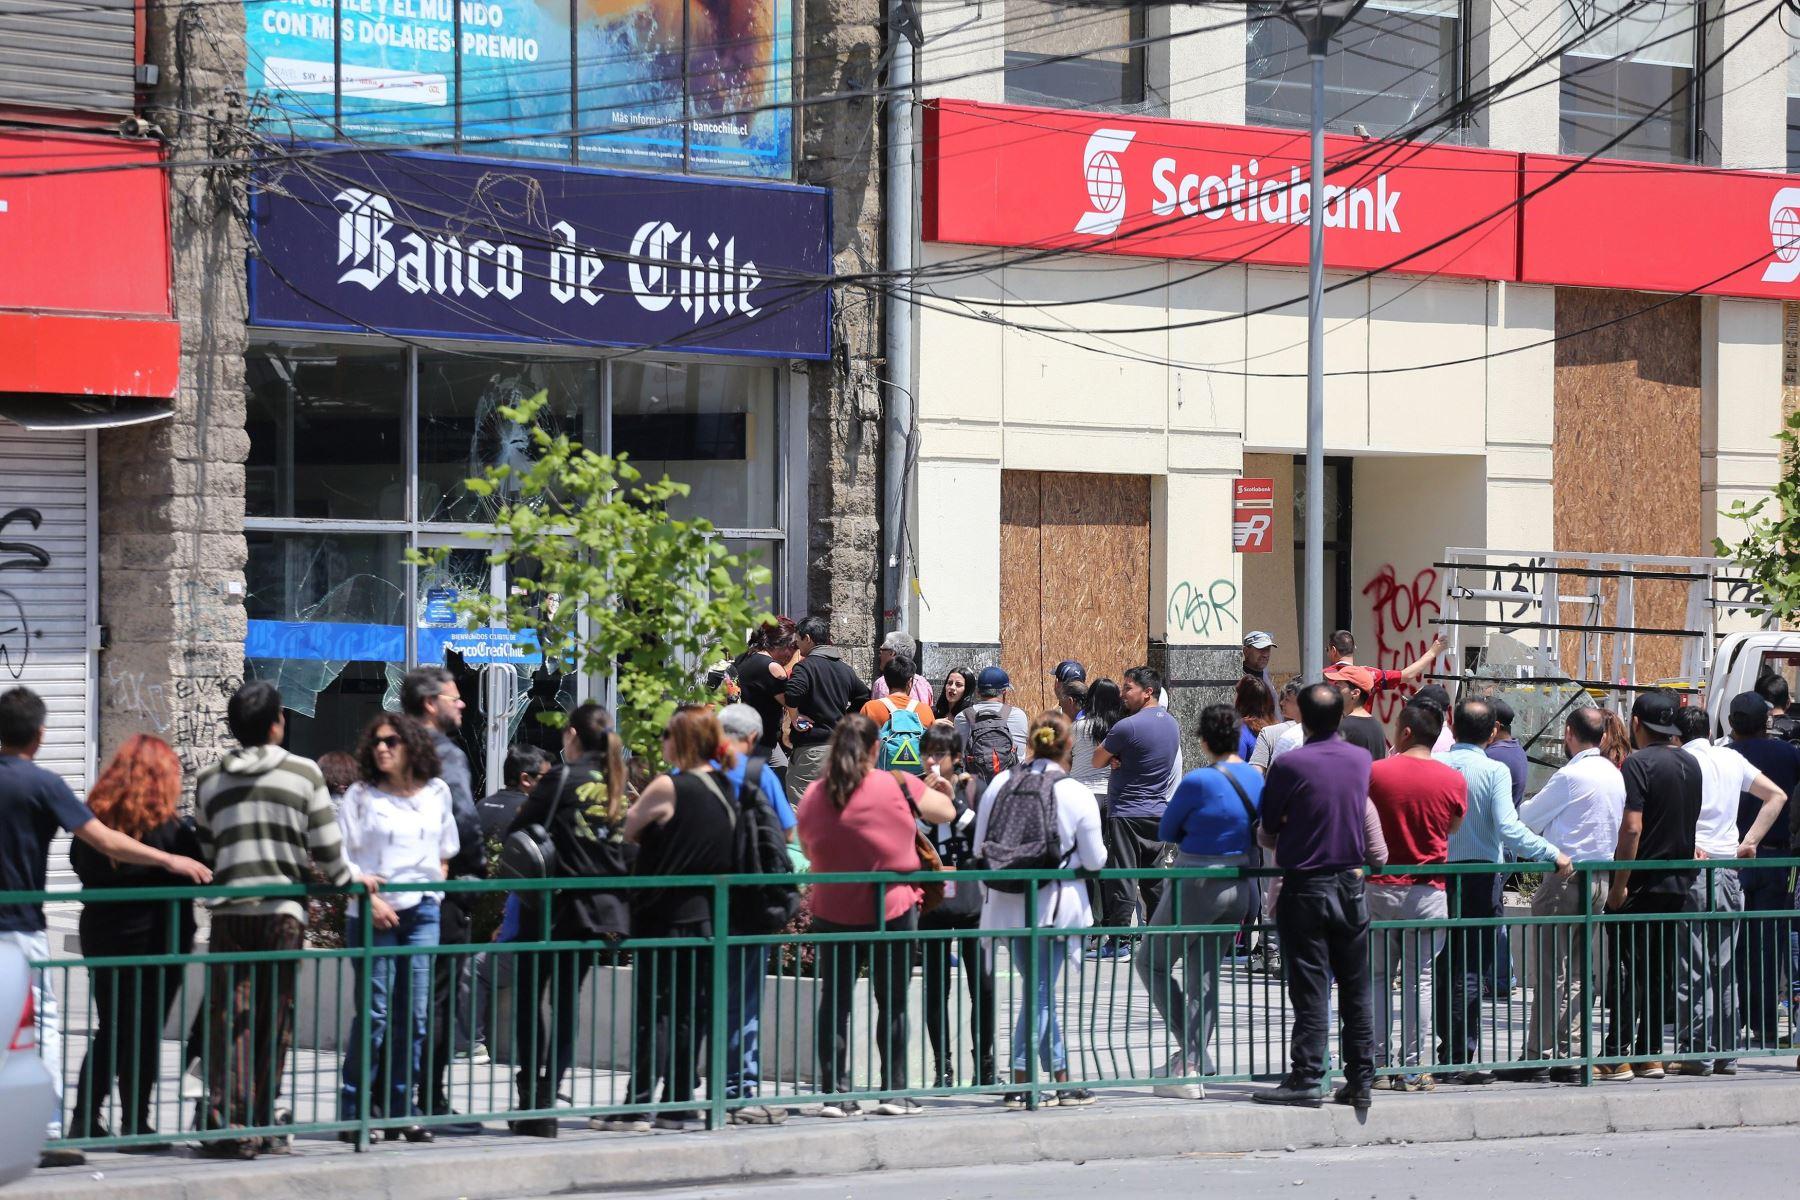 Ciudadanos hacen largas fila en os cajeros automáticos que lucen destruídos por enfrentamientos, en Santiago. Foto: EFE